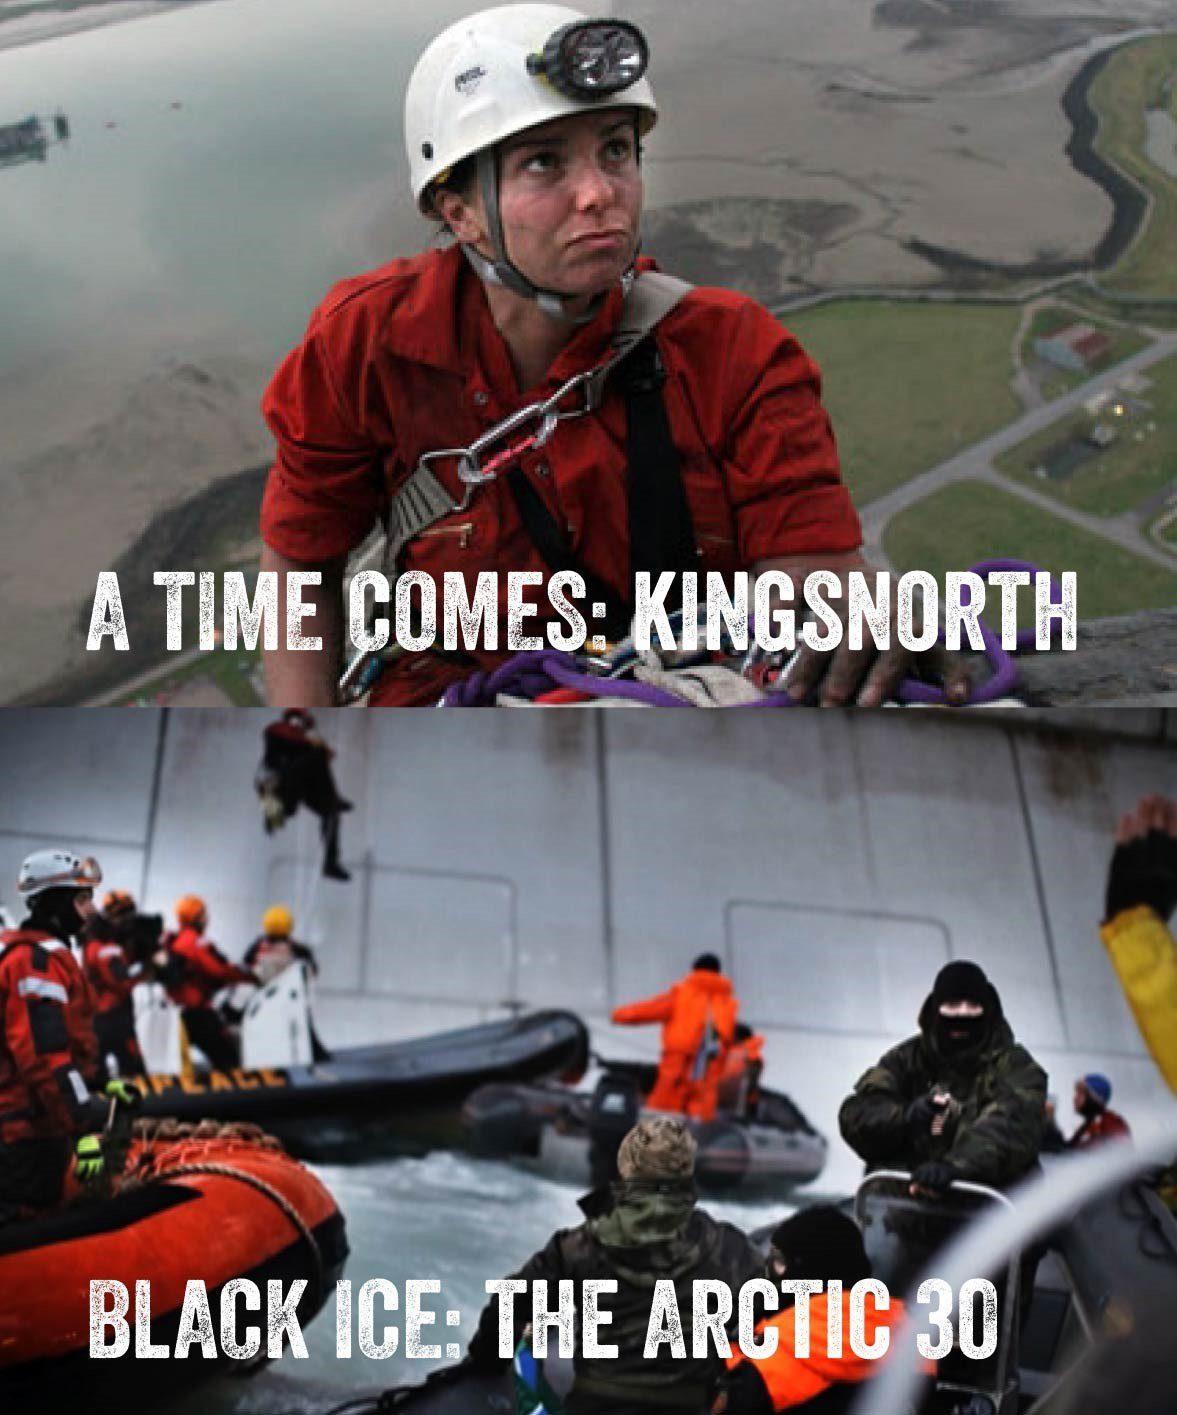 Greenpeace films